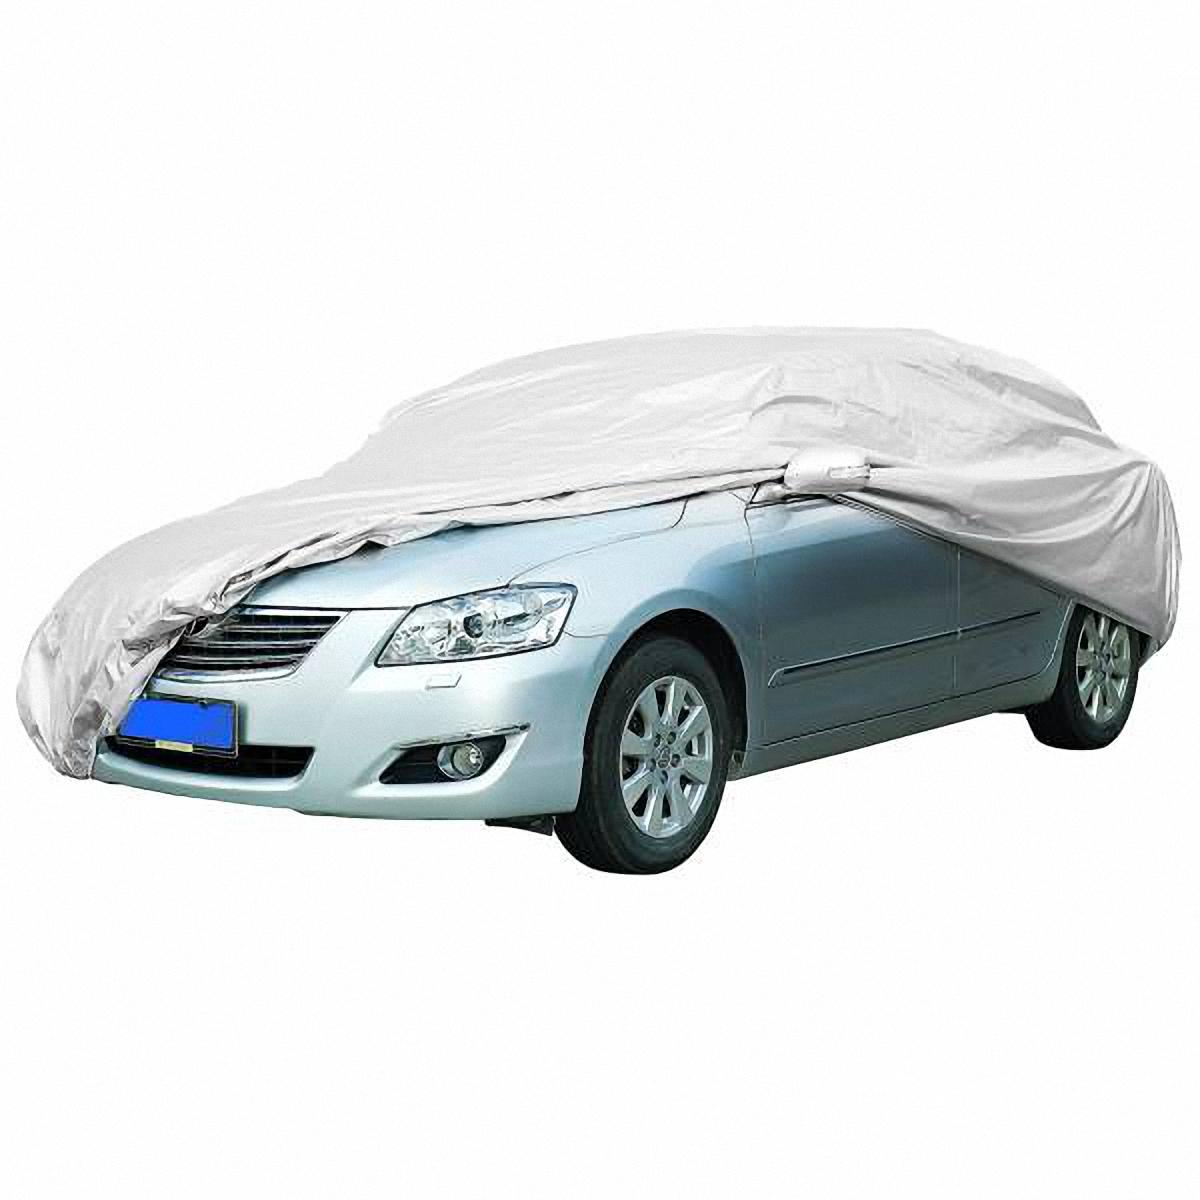 Чехол-тент автомобильный Skyway, 430 х 165 х 119 см. Размер MS04401002Тент автомобильный позволит защитить кузов вашего транспортного средства от коррозии и загрязнений во время хранения или транспортировки, а вас избавит от необходимости частого мытья вашего автомобиля. Чехол-тент предохраняет лакокрасочное покрытие кузова, стекла и фары вашего автомобиля от воздействия прямых солнечных лучей и неблагоприятных погодных условий, загрязнений. Легко и быстро надевается на автомобиль, не царапая и не повреждая его.Изготовлен из высококачественного полиэстера. В передней и задней части тента вшиты резинки, стягивающие его нижний край под передним и задним бамперами. Обладает высокой влаго- и износостойкостью. Обладает светоотражающими и пылезащитными свойствами. Выдерживает как низкие, так и высокие температуры. Воздухопроницаемый материал. Состав: полиэстер. Размер: 430 х 165 х 119 см.